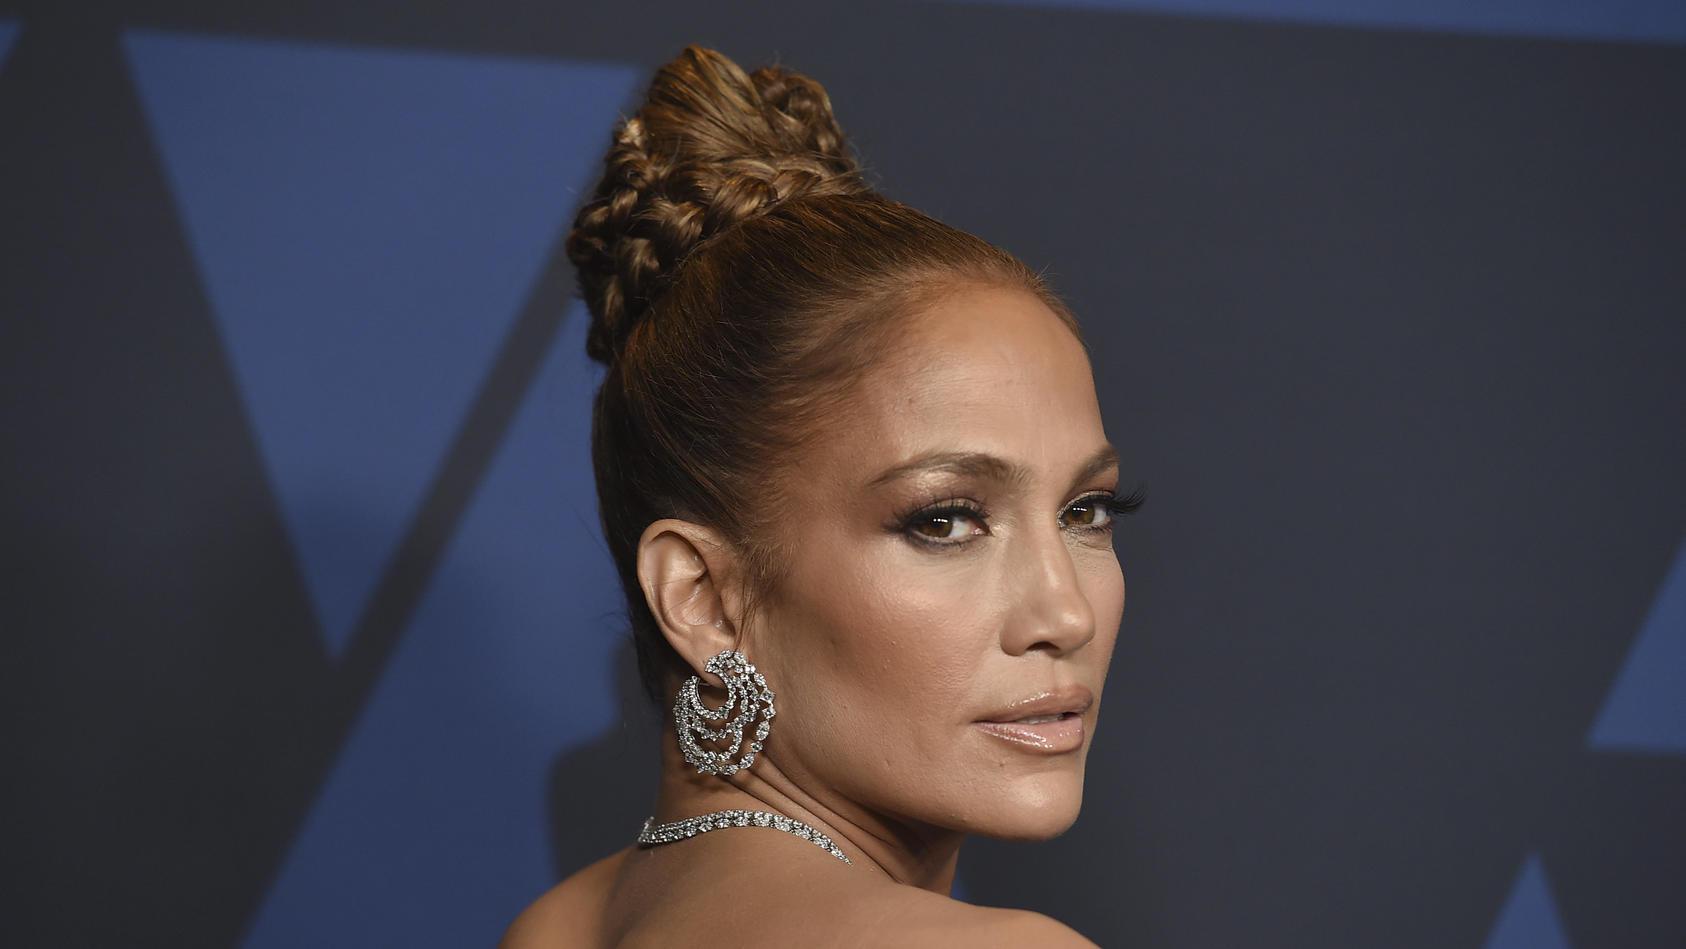 Sängerin Jennifer Lopez wirbt mit ihrer Familie für ihre Beautyprodukte.